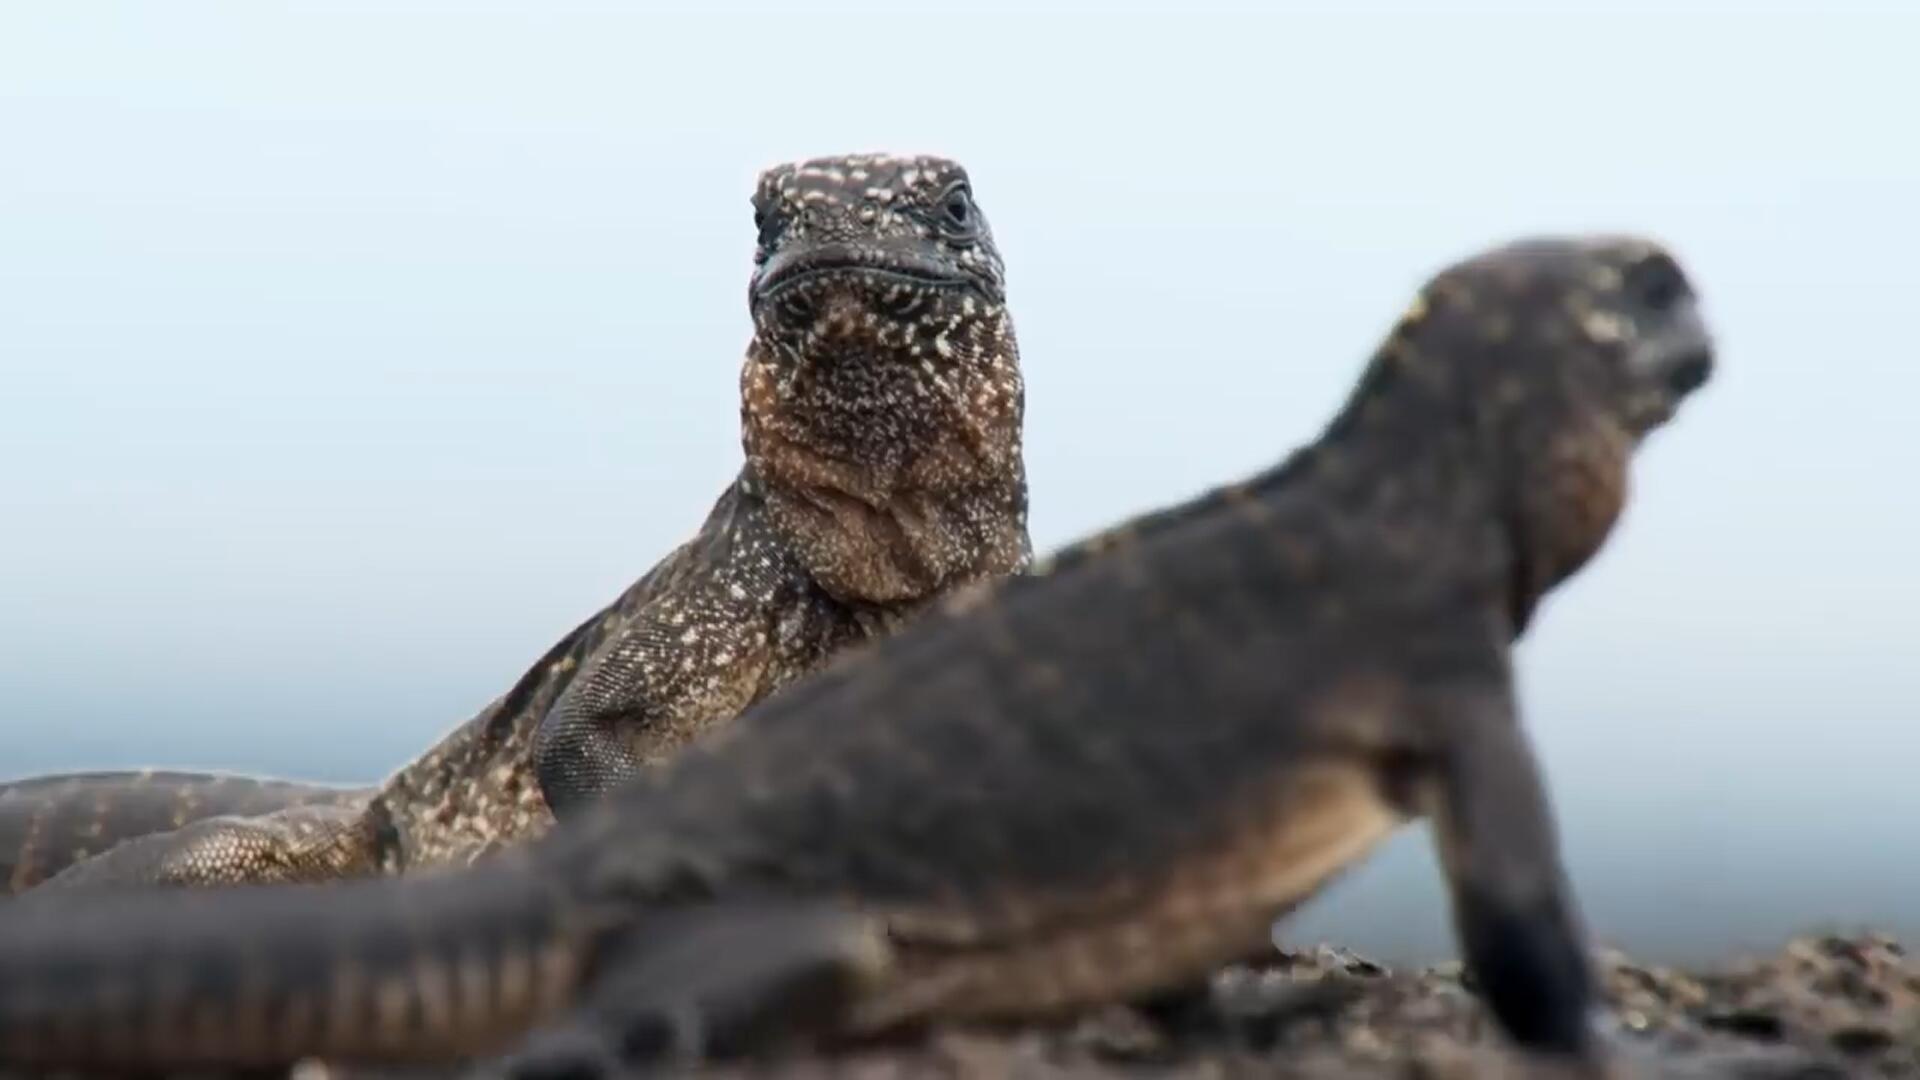 国外疯传的纪录片!海鬣蜥被蛇追赶的惊险片段